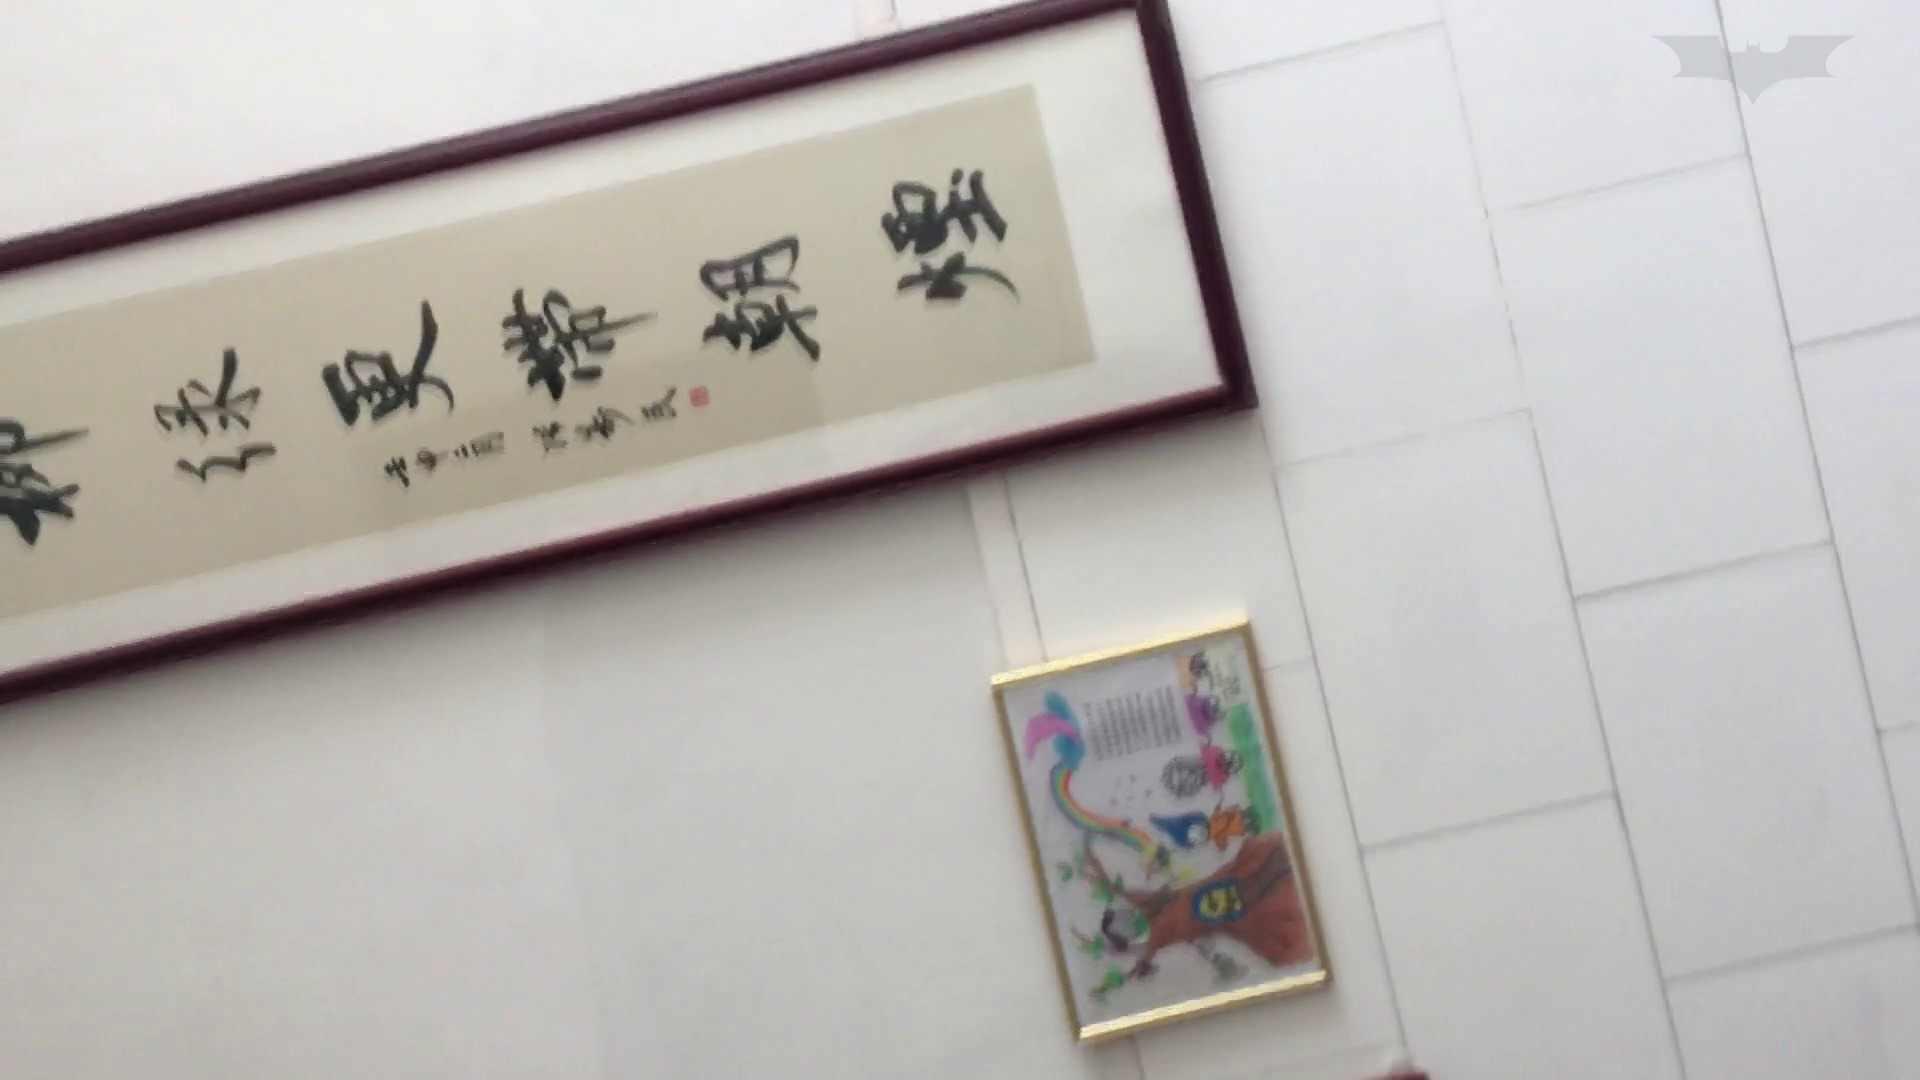 芸術大学ガチ潜入盗撮 JD盗撮 美女の洗面所の秘密 Vol.91 トイレ  72PIX 20